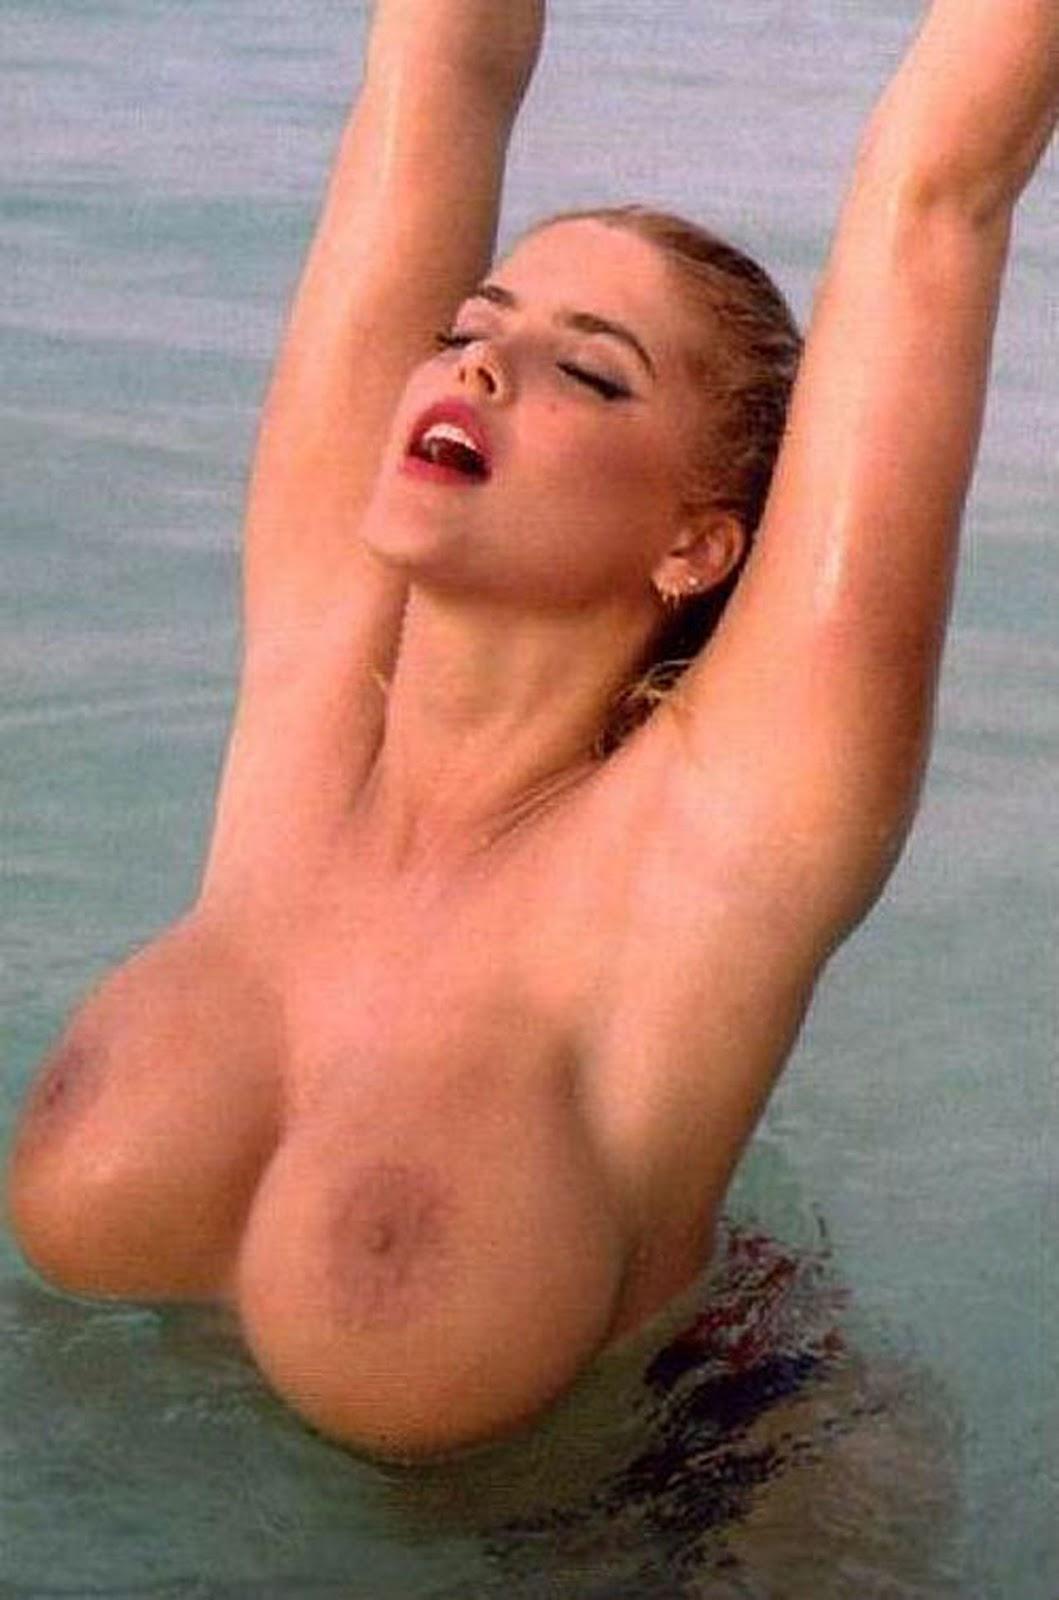 hot milf wife nude gifs